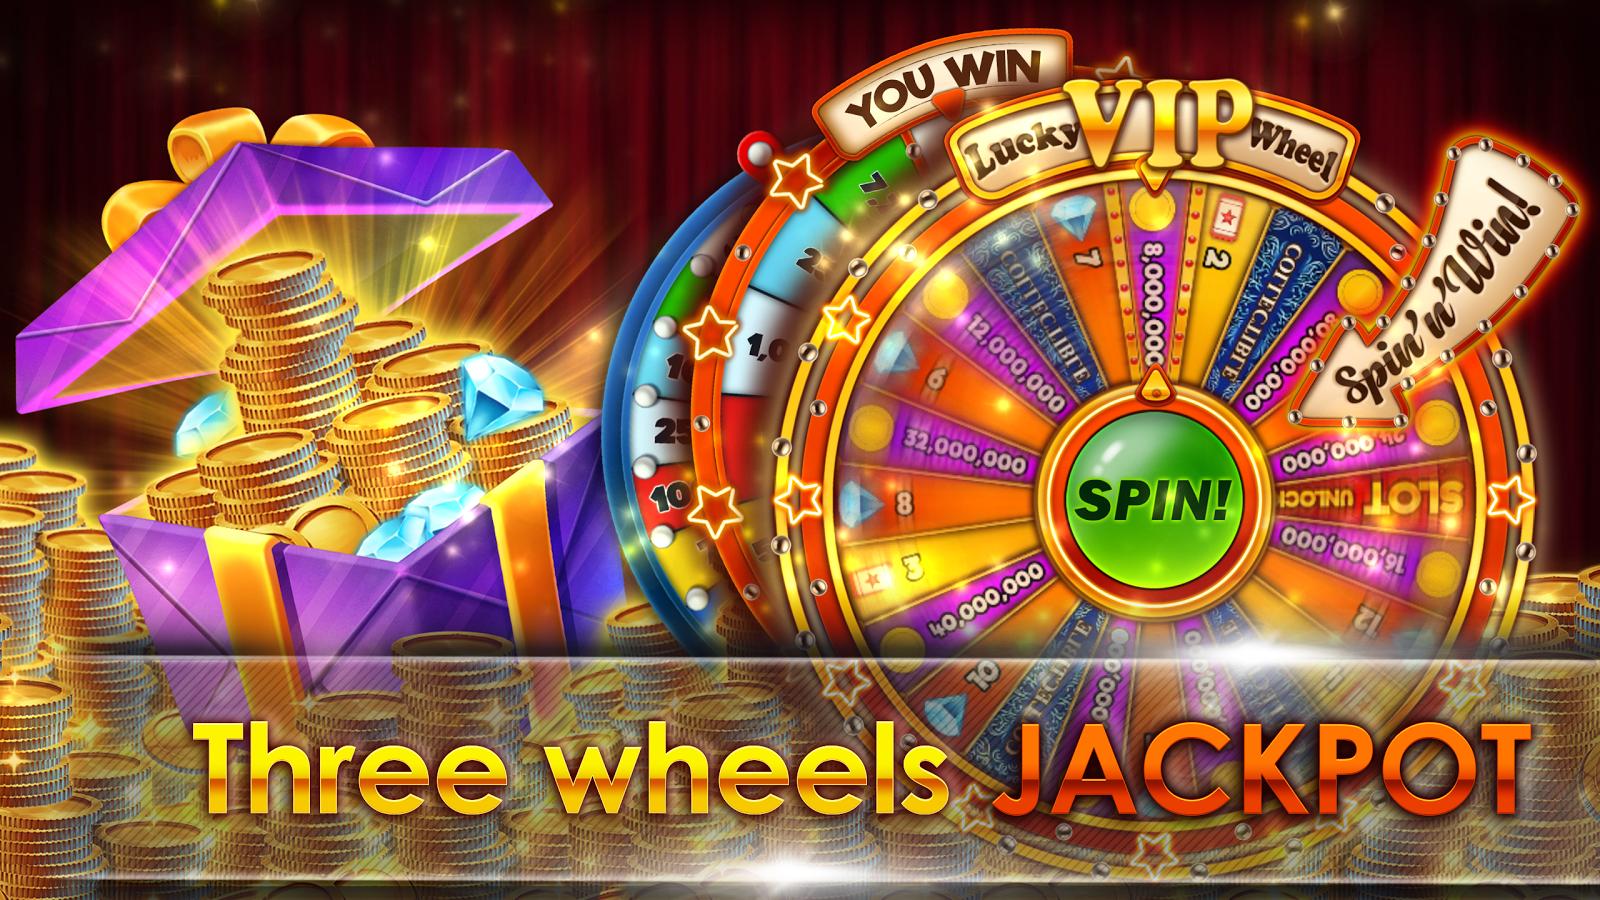 7stacks casino